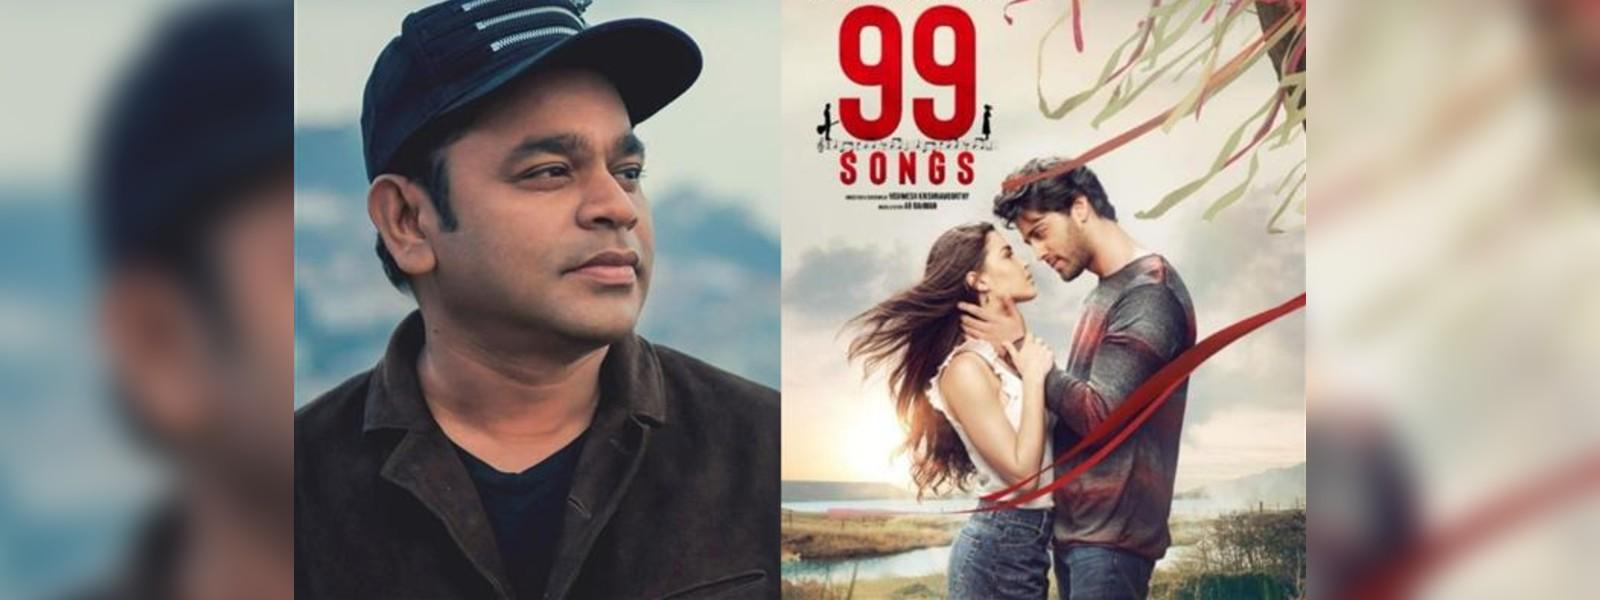 99 songs සිනමා පටය ලබන 16 සිට තිරගත කෙරේ